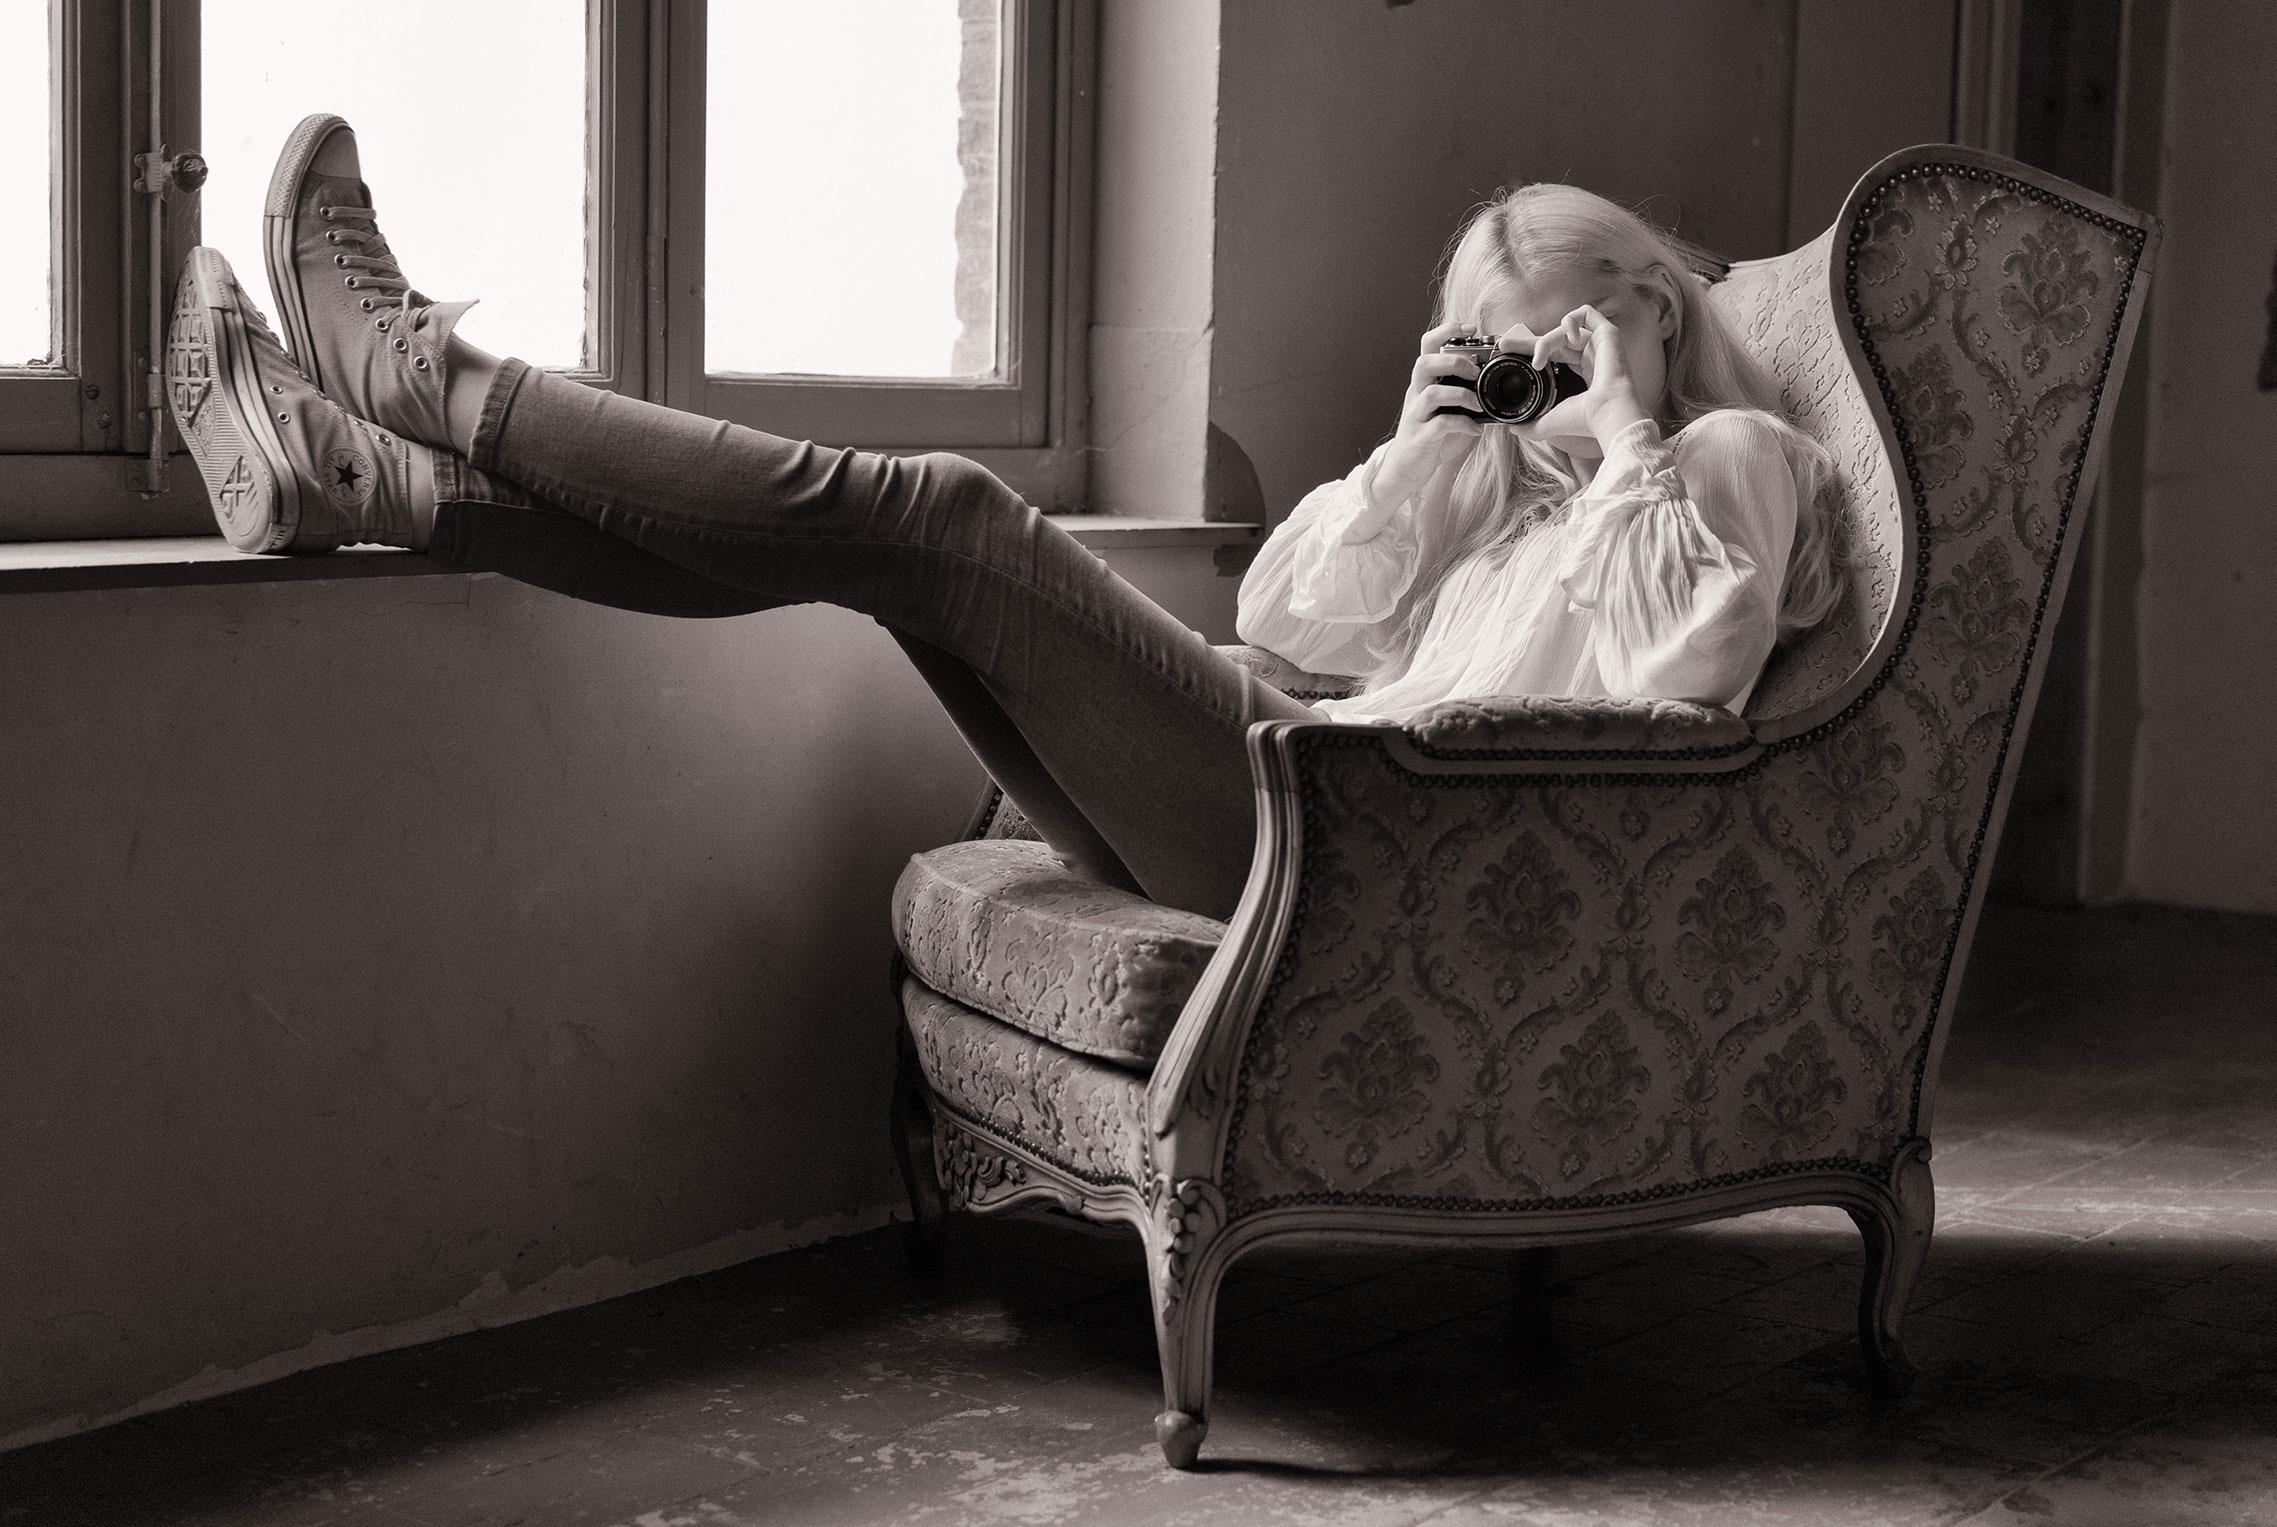 Даша, фотограф Marc Alhadeff